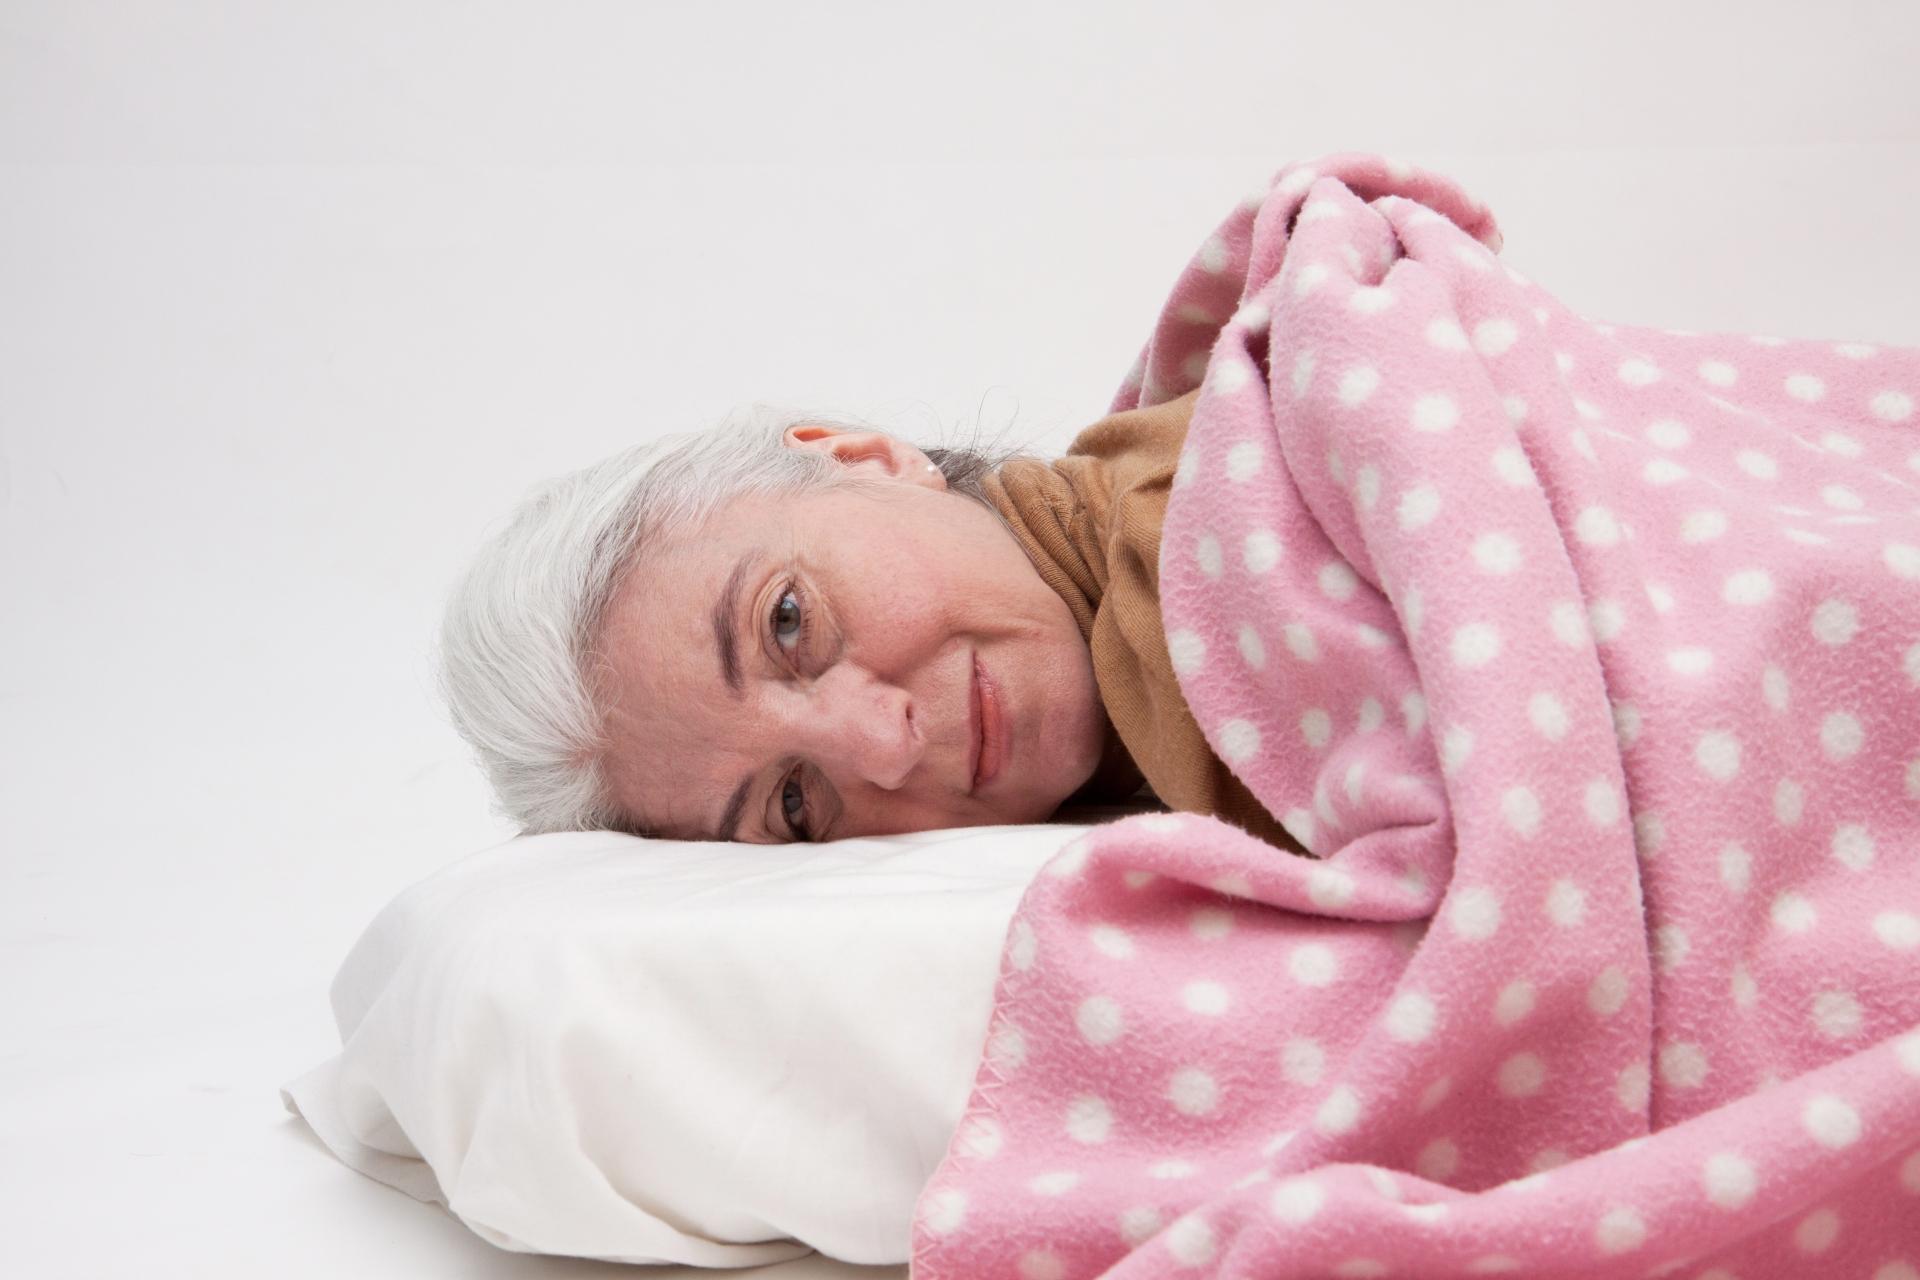 睡覺是大運動,睡前要做暖身操